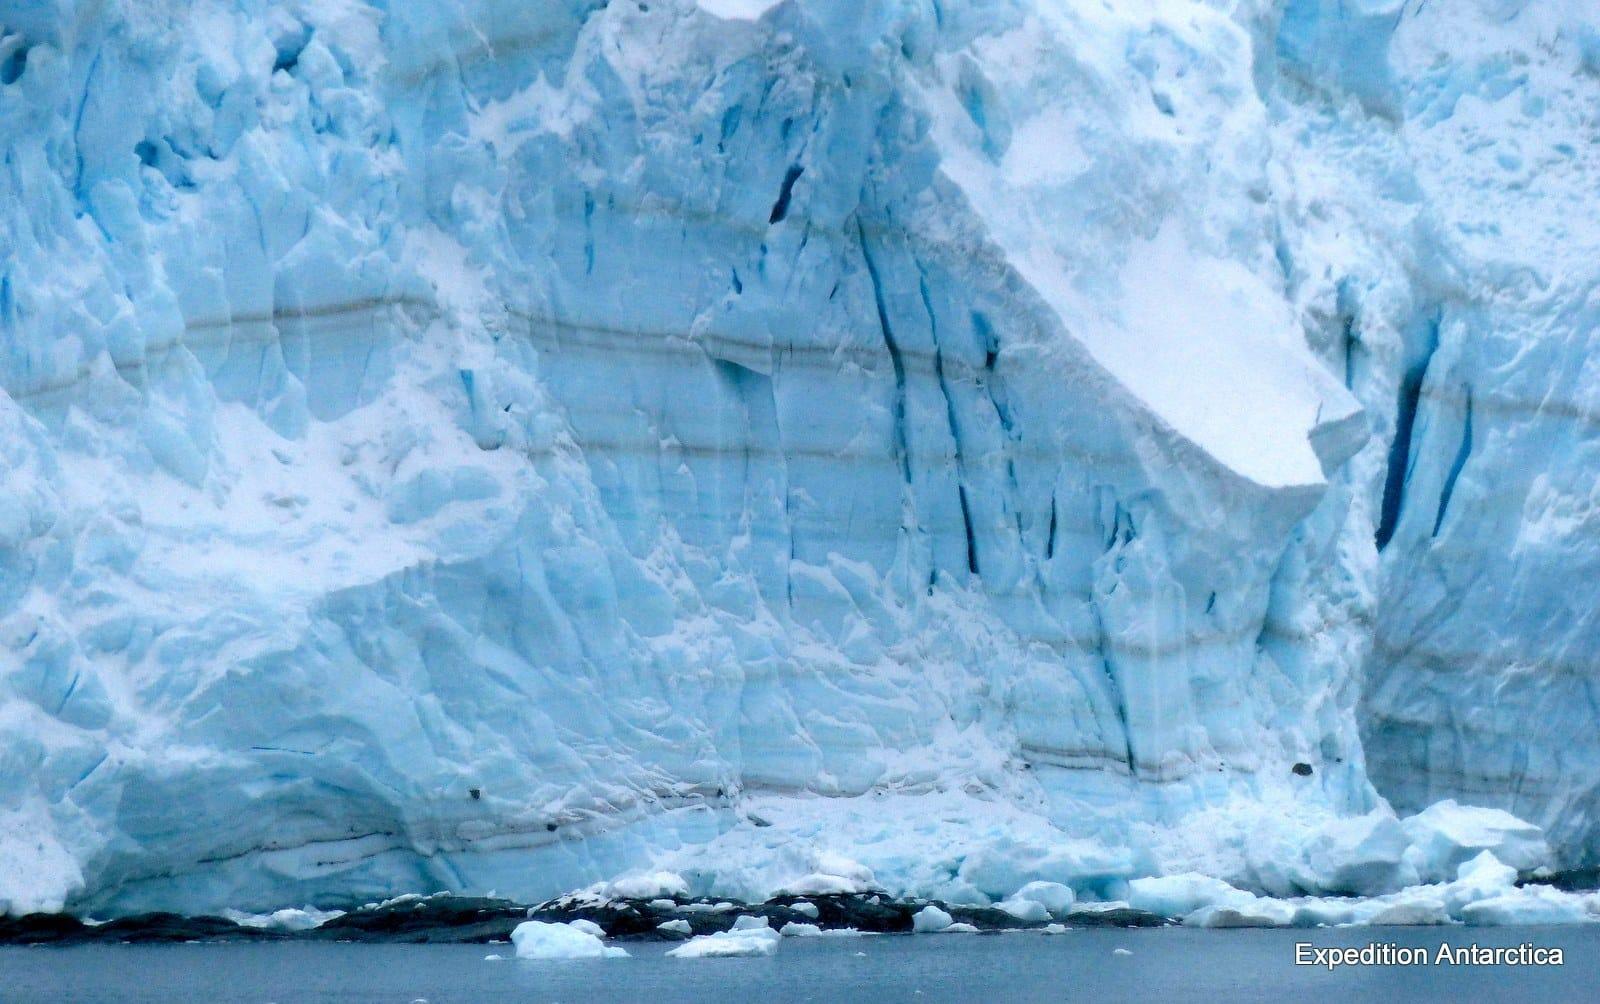 Totten, uno de los glaciares más grandes del mundo, se derrite desde sus cimientos.